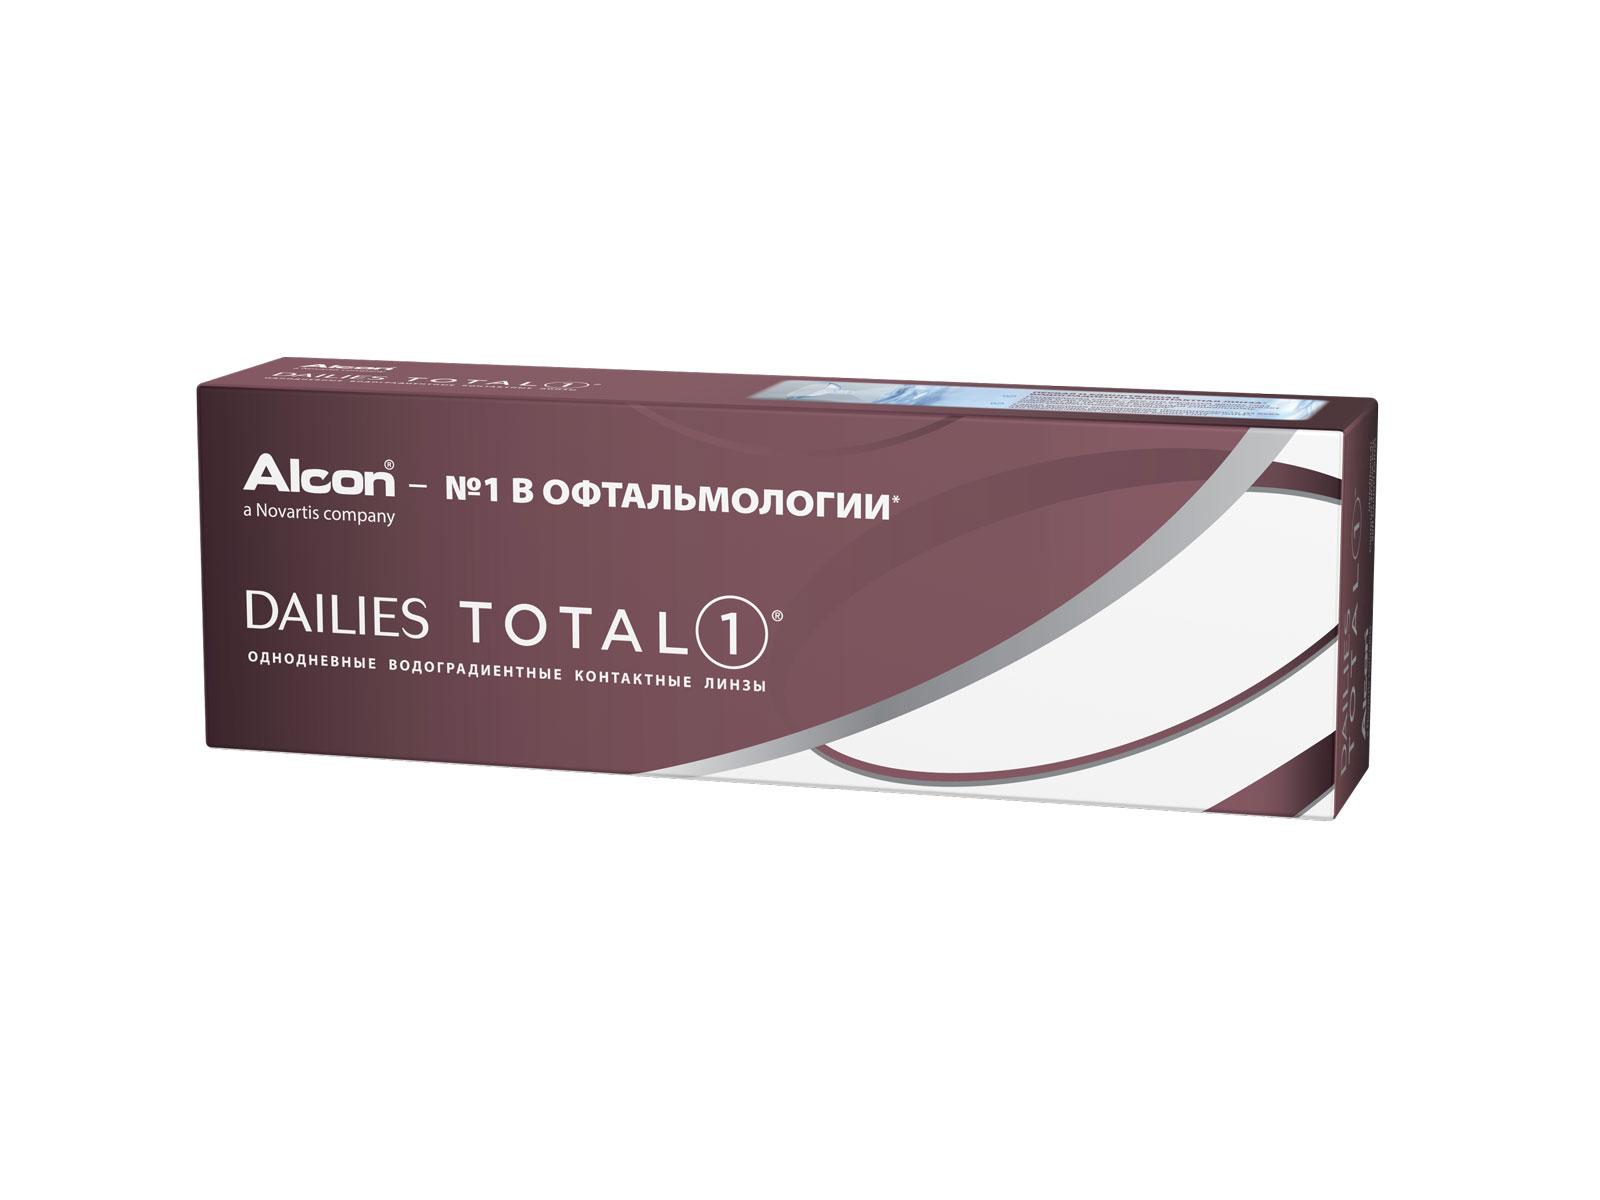 Alcon контактные линзы Dailies Total 1 30pk /-8.50 / 8.5 / 14.1100046411Dailies Total 1 – линзы, которые не чувствуешь с утра и до поздного вечера. Эти однодневные контактные линзы выполнены из уникального водоградиентного материала, багодаря которому натуральная слеза – это все, что касается ваших глаз. Почти 100% влаги на поверхности обеспечивают непревзойденный комфорт до 16 часов ношения.